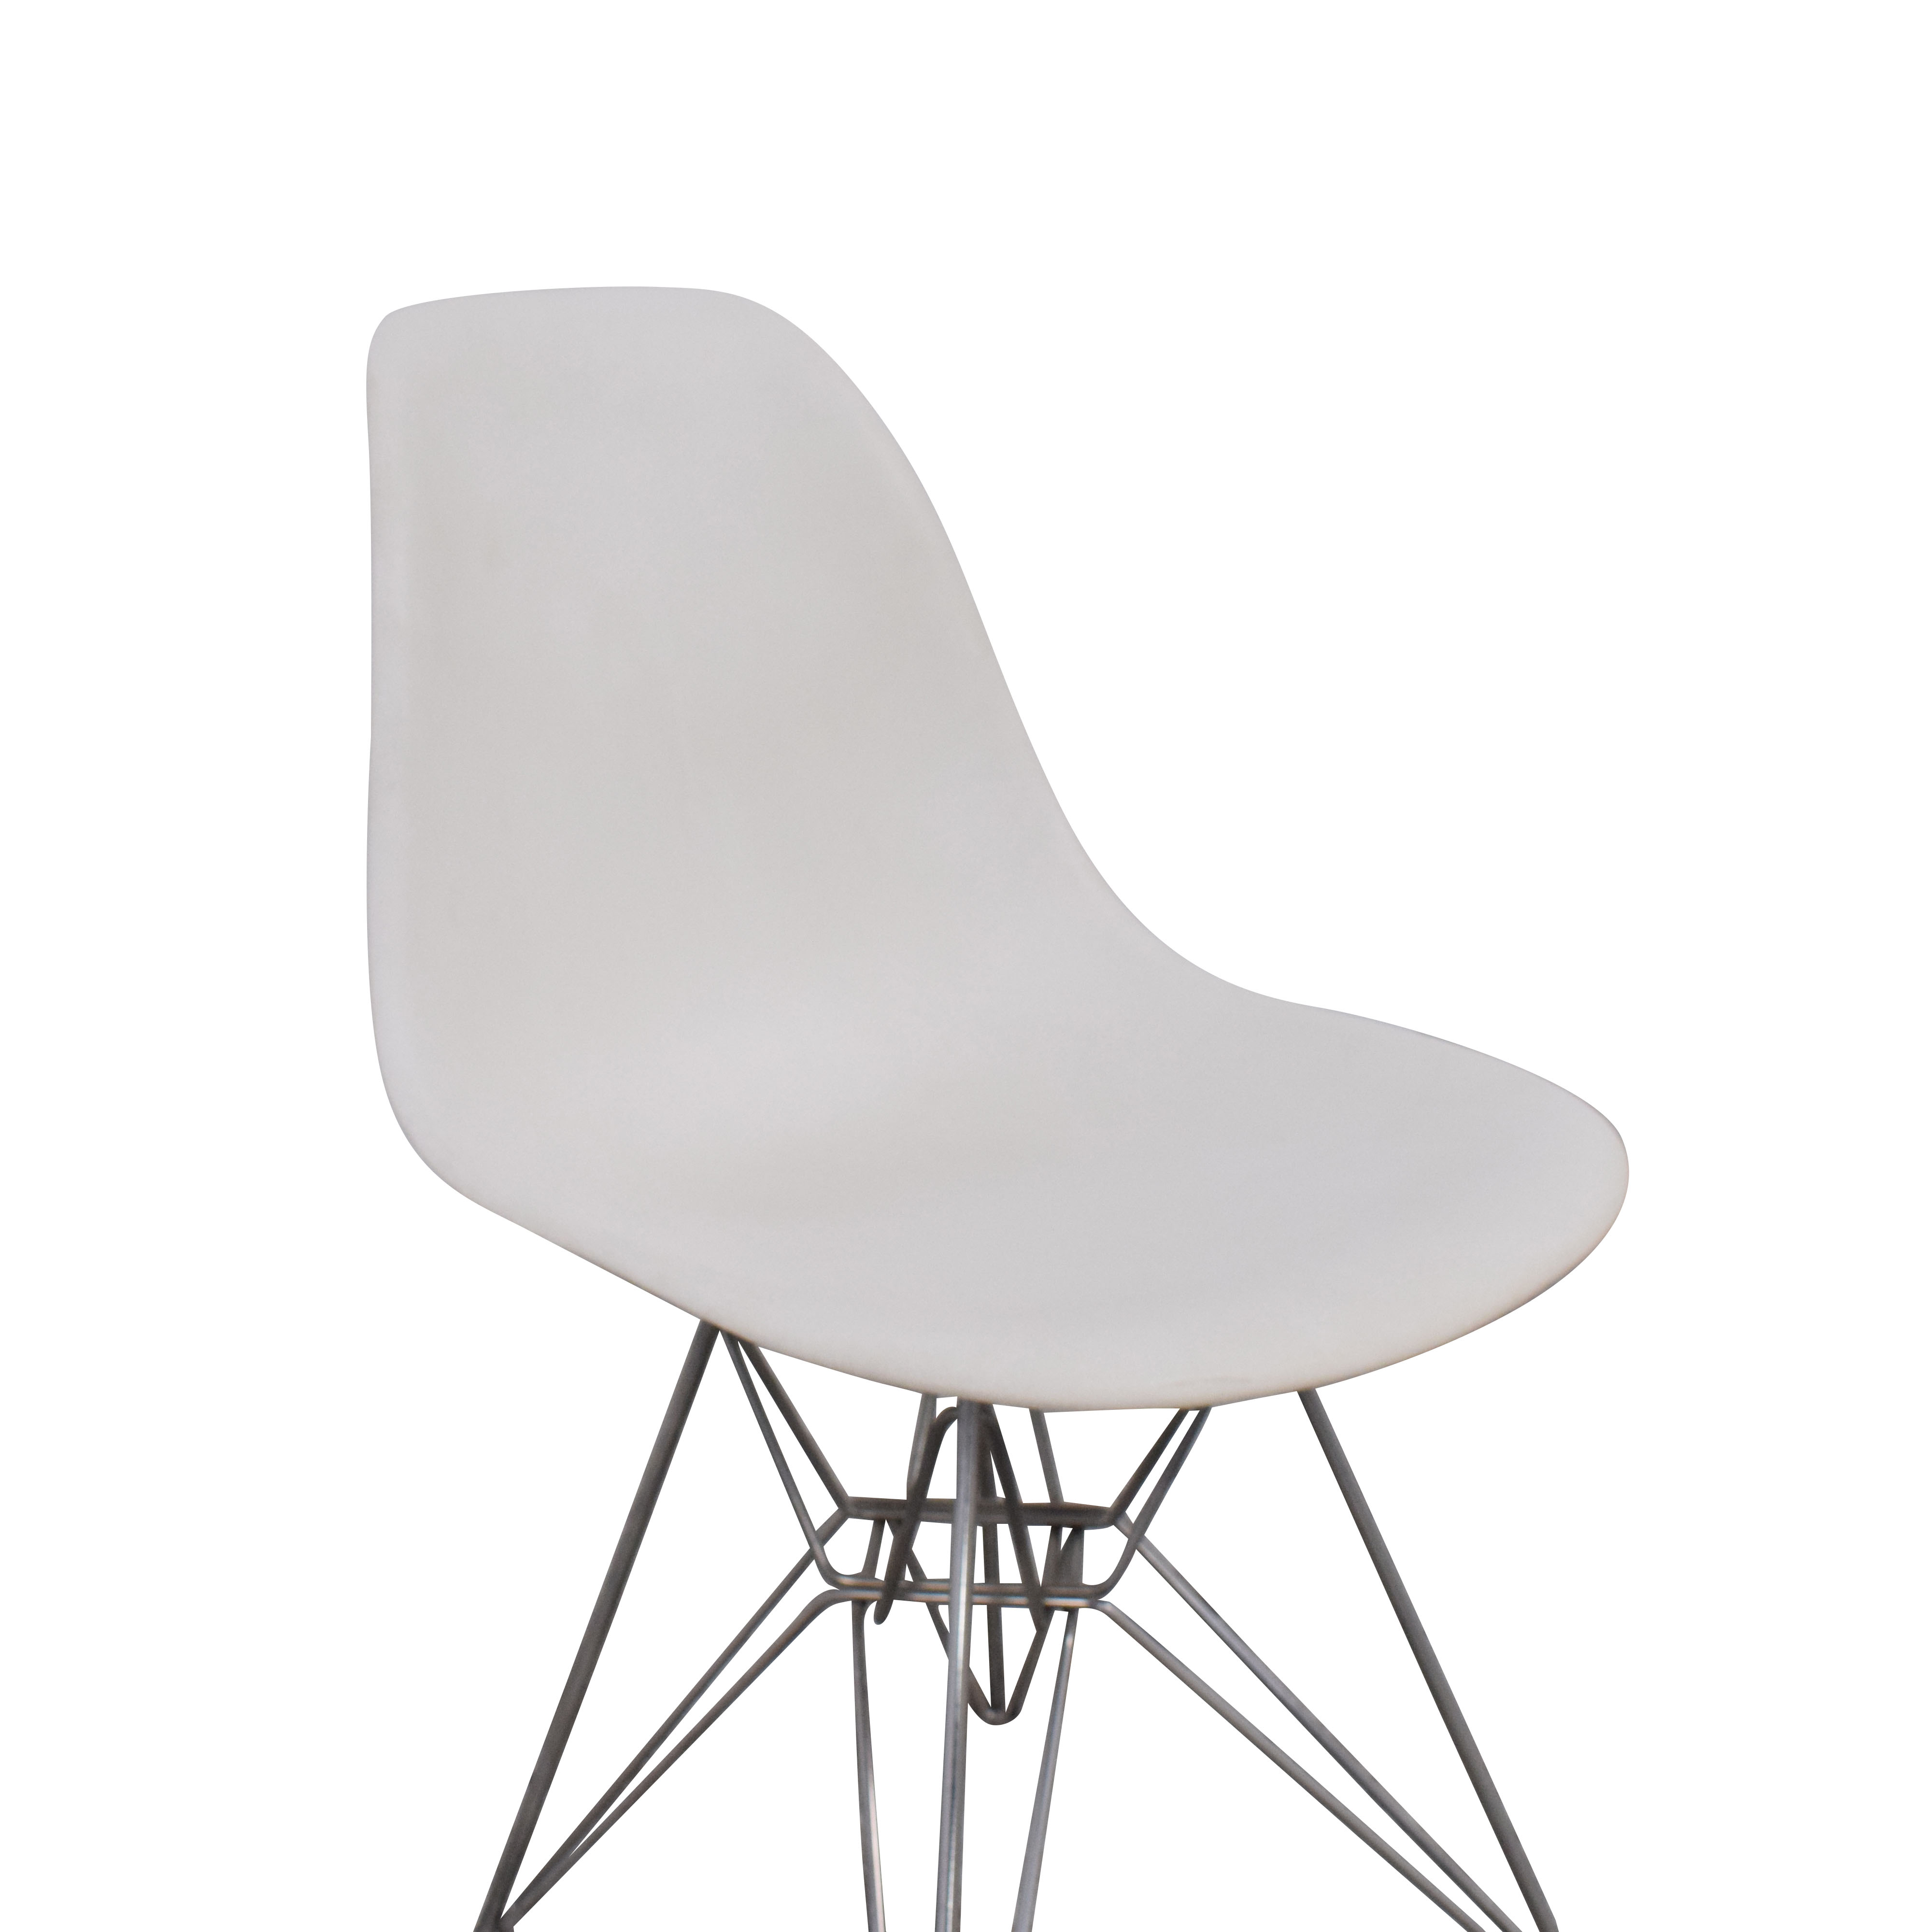 shop Herman Miller Eames Molded Plastic Dining Chair with Wire Base Herman Miller Dining Chairs